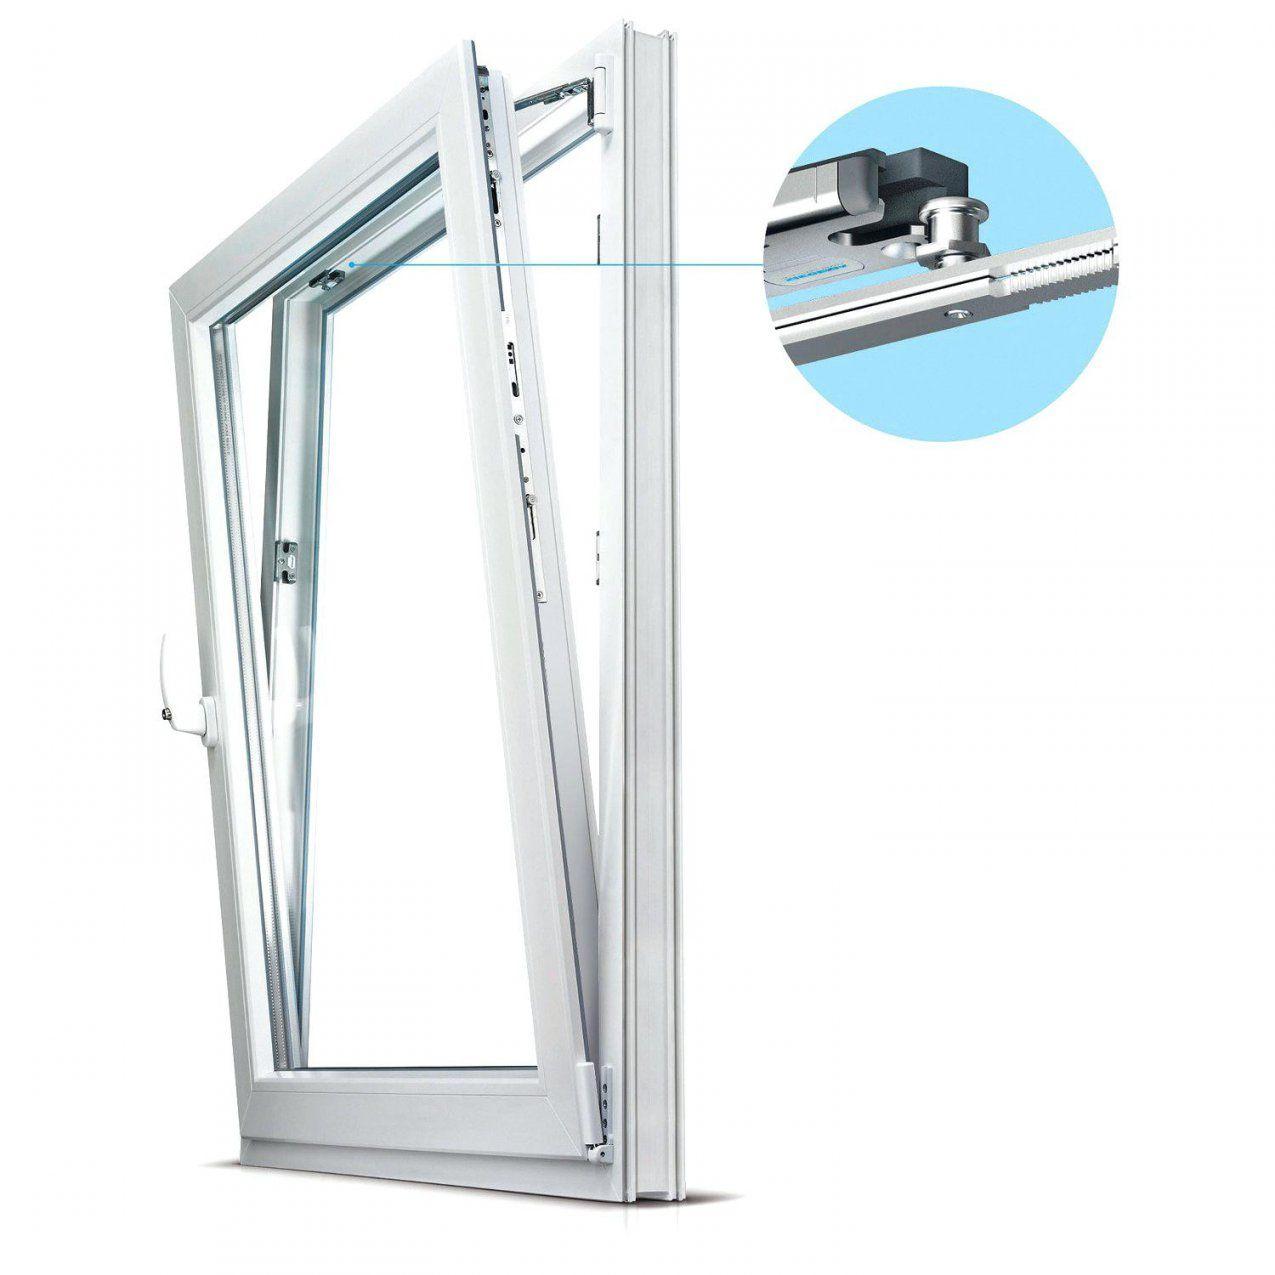 Verwunderlich 3 Fach Verglasung Nachteile – Gabelectronics von 3 Fach Verglaste Fenster Nachteile Bild